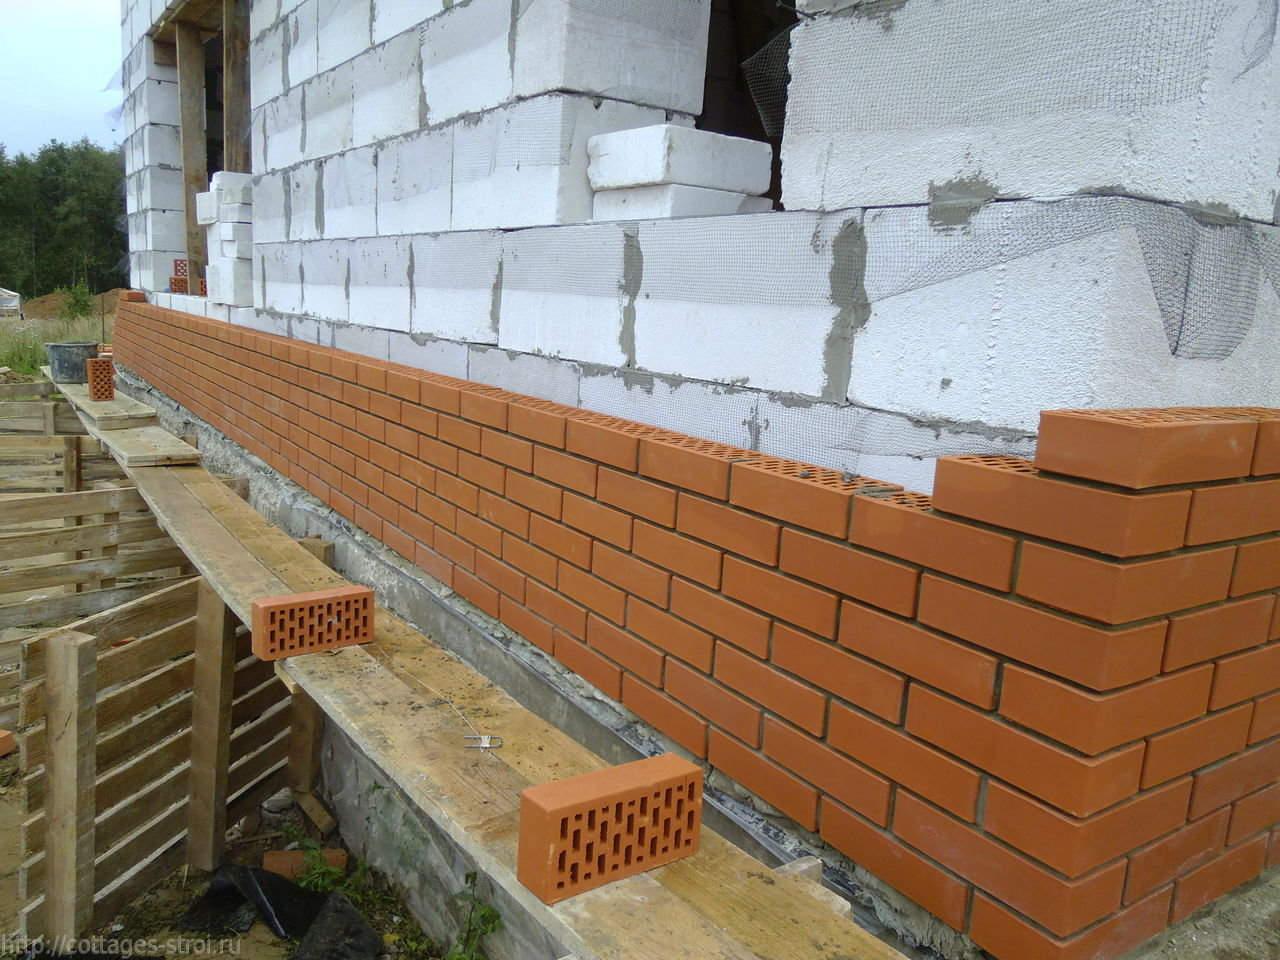 Чем обшить дом снаружи из пеноблоков: варианты внешней отделки фасада (фото)